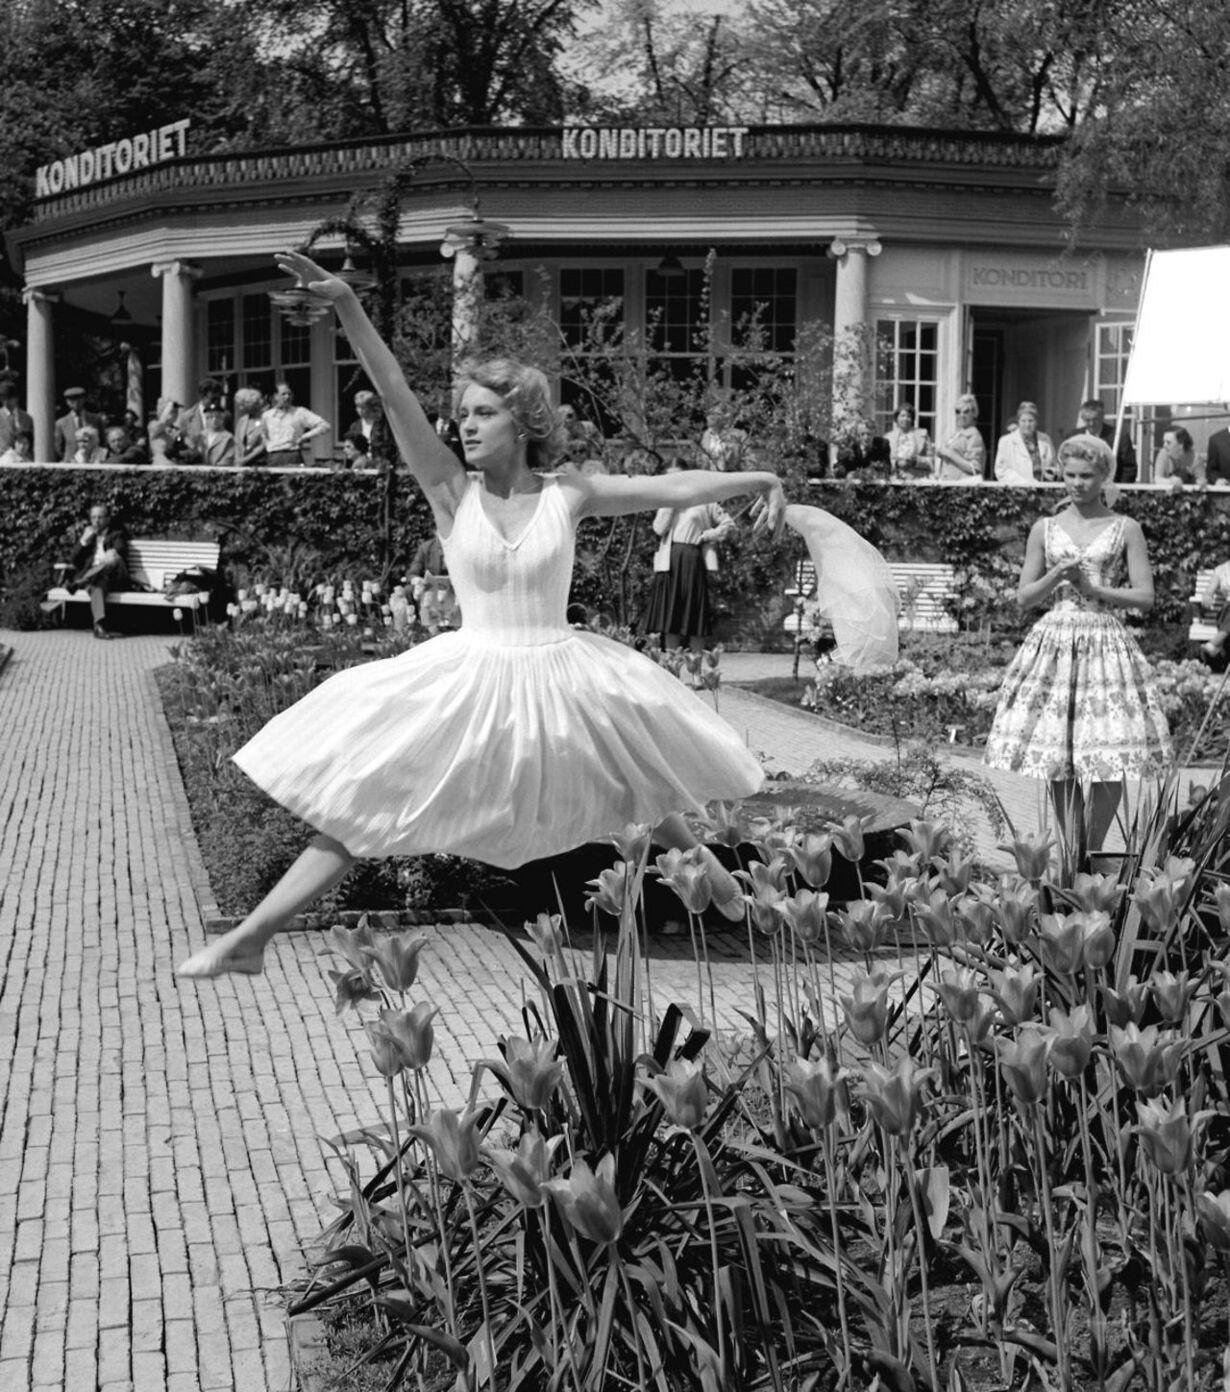 dkdengang - 1960